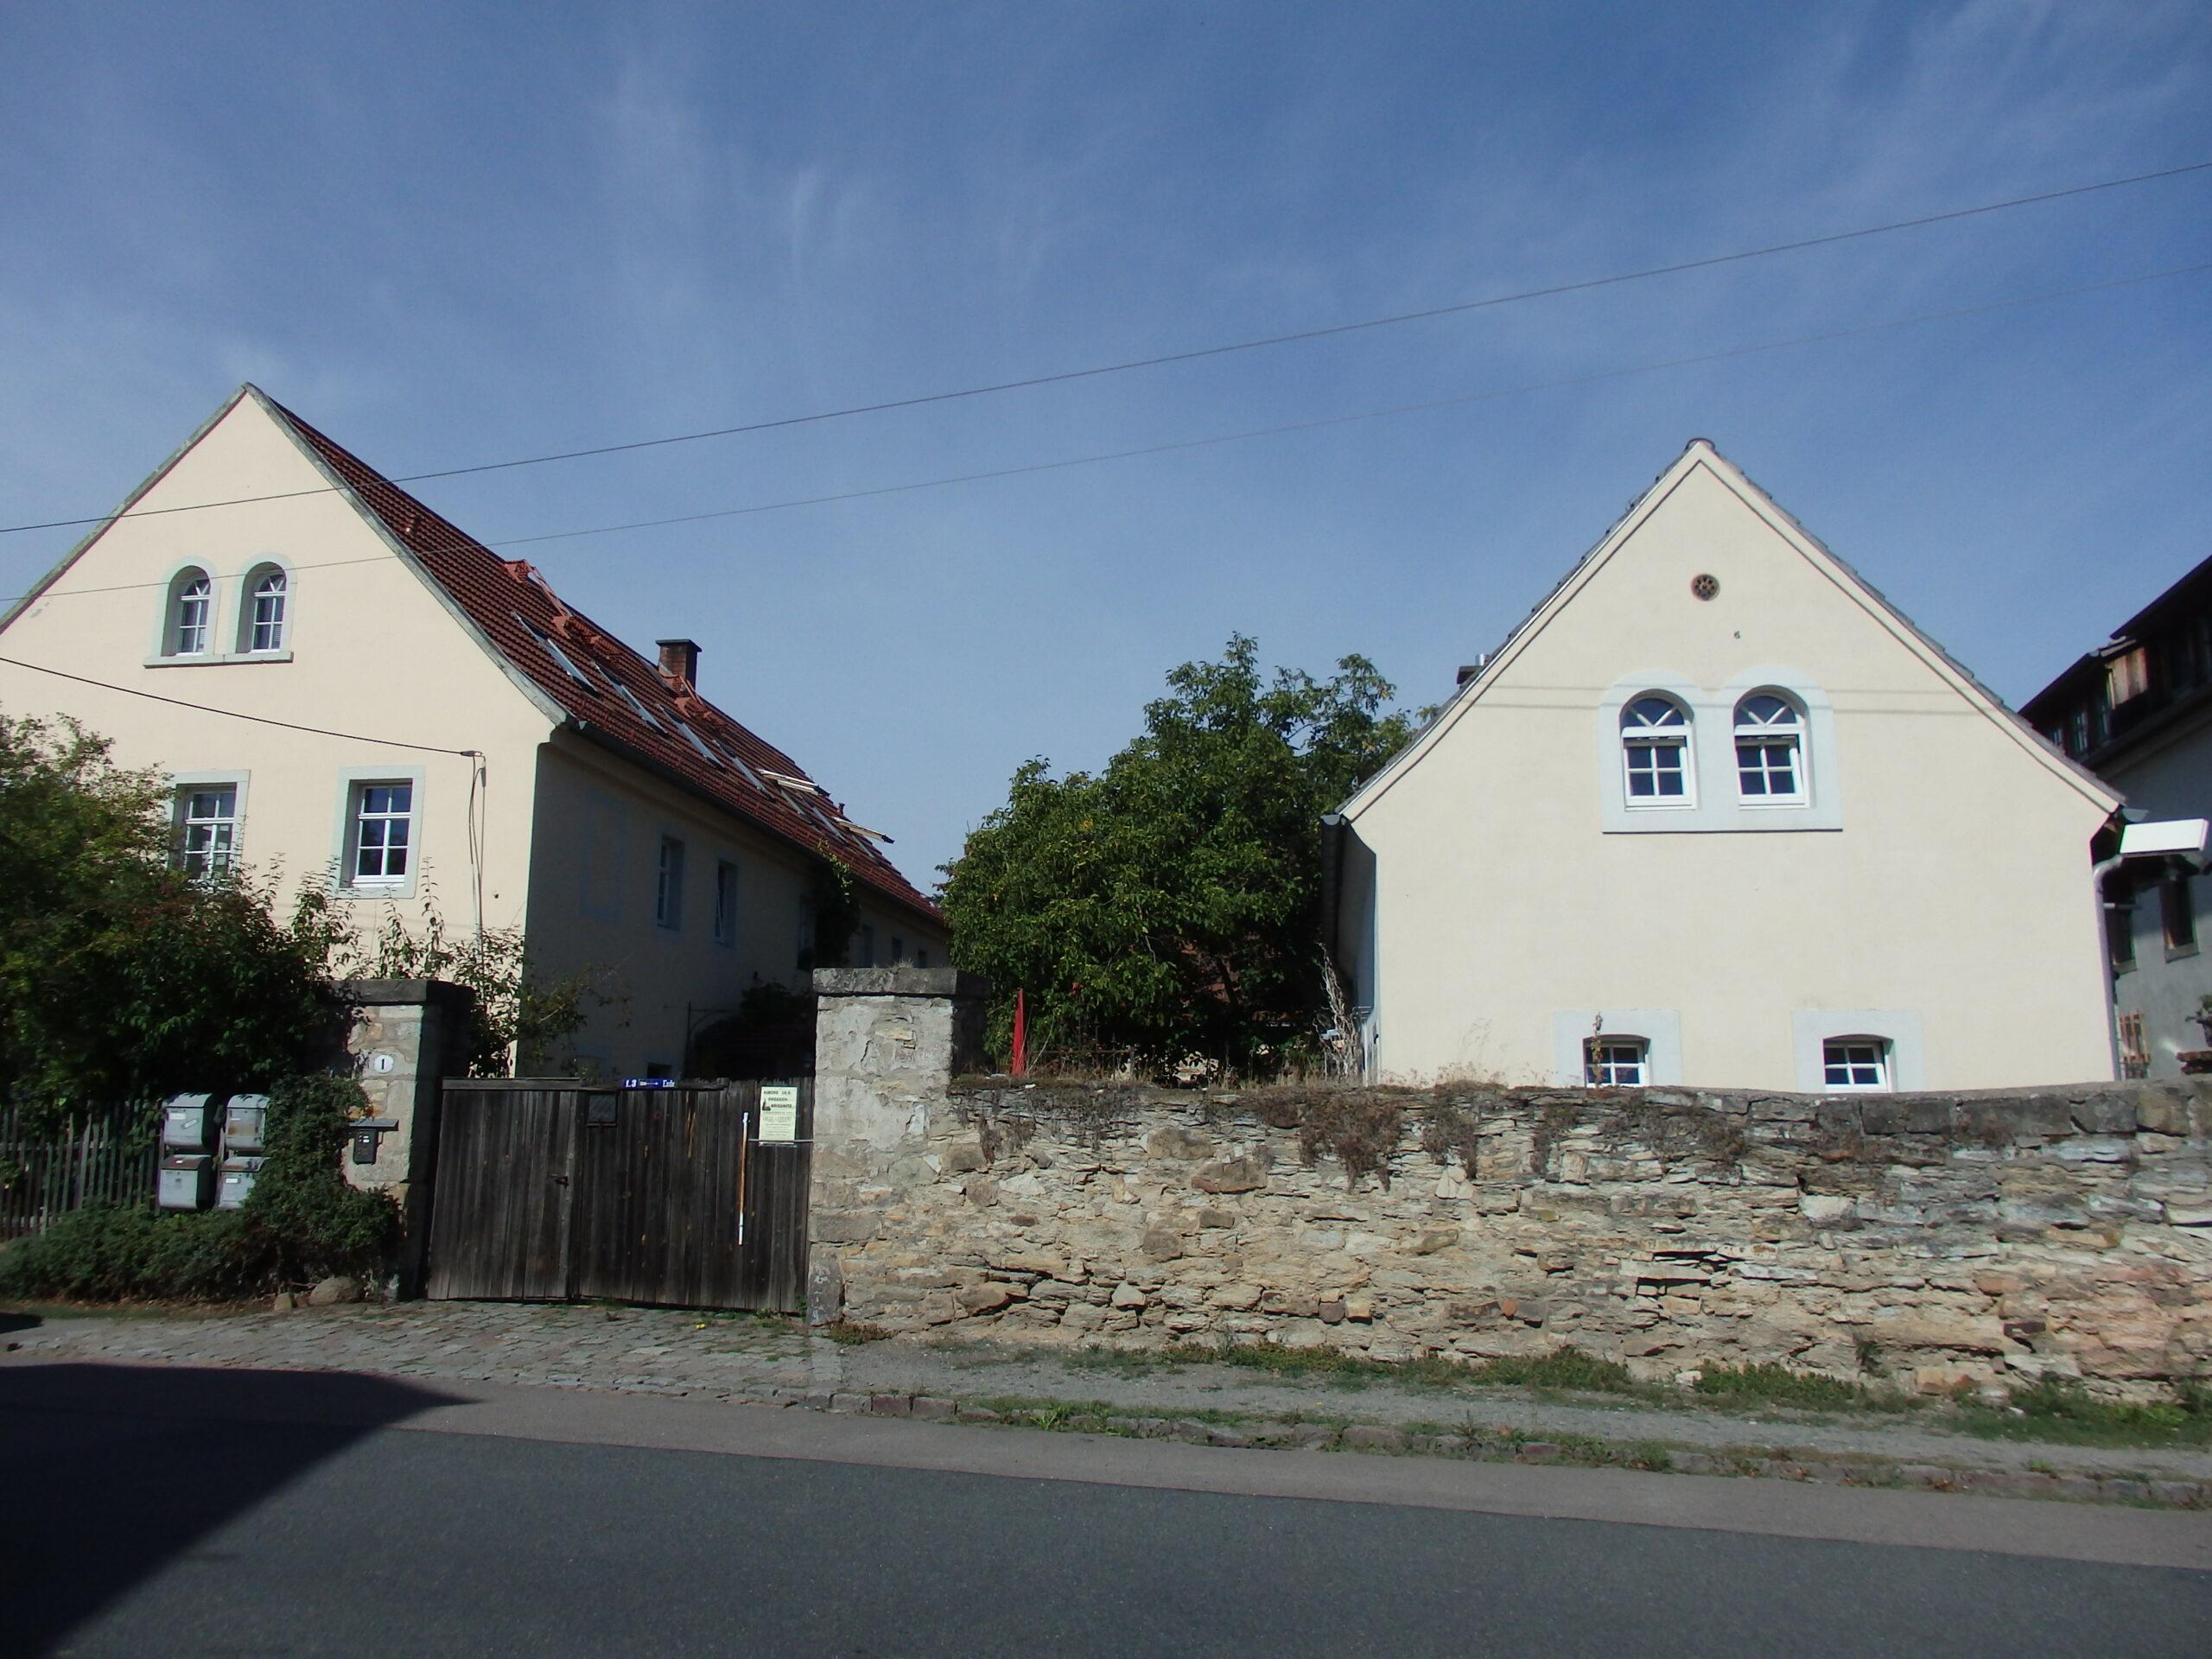 Stetzsch